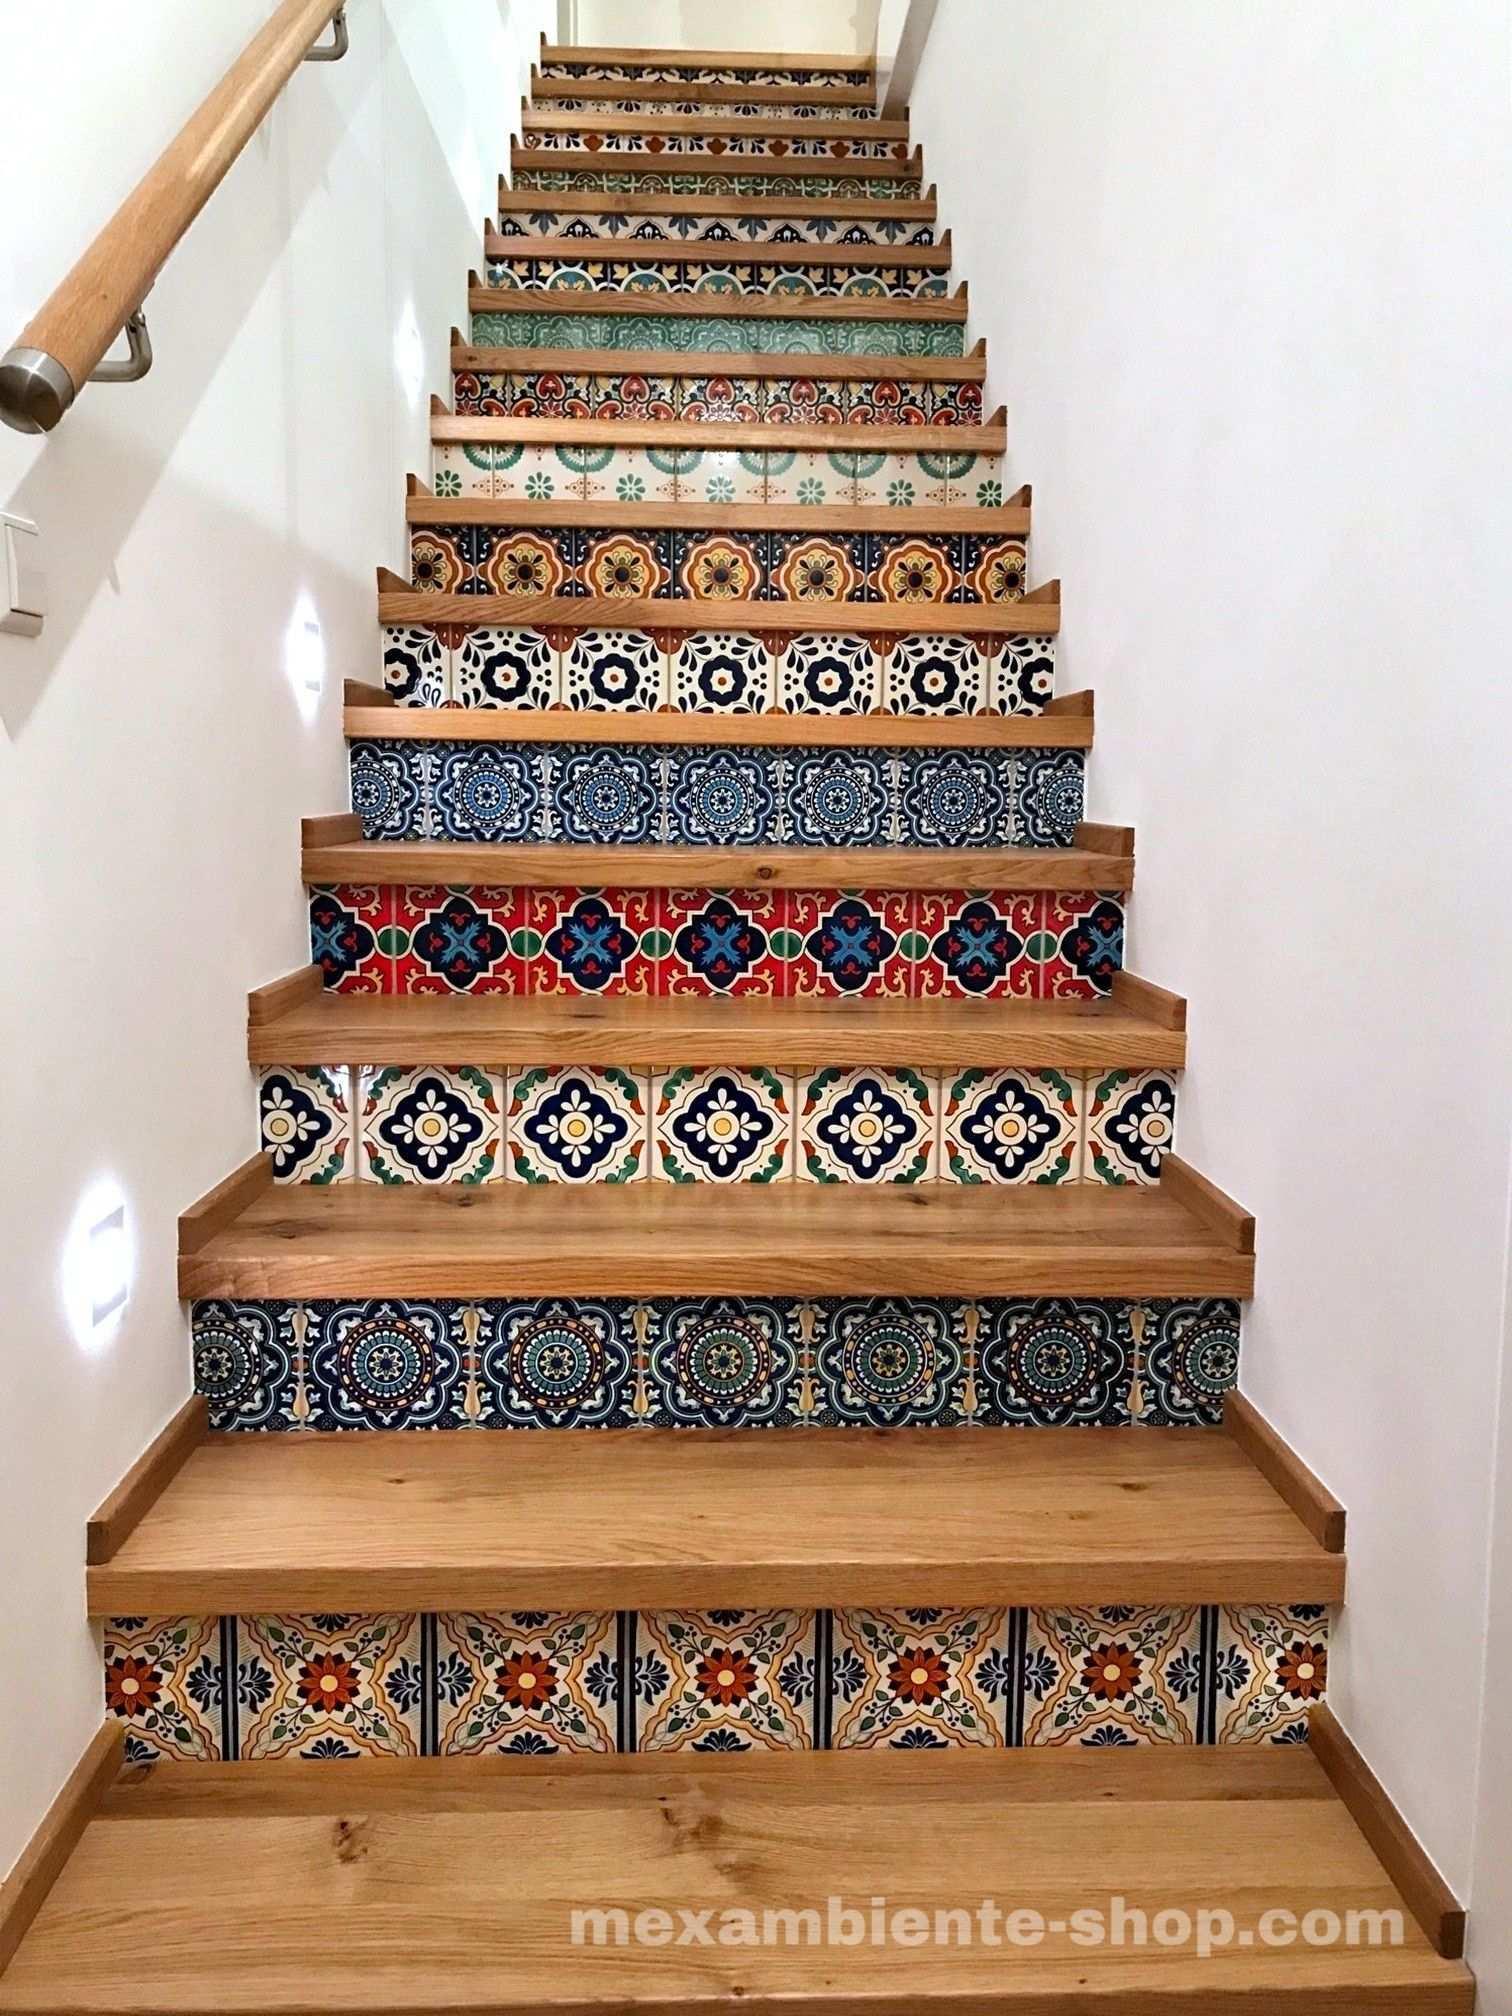 Treppe Mit Mexikanischen Fliesen Premium Mexikanische Fliesen Treppe Fliesen Treppenrenovierung